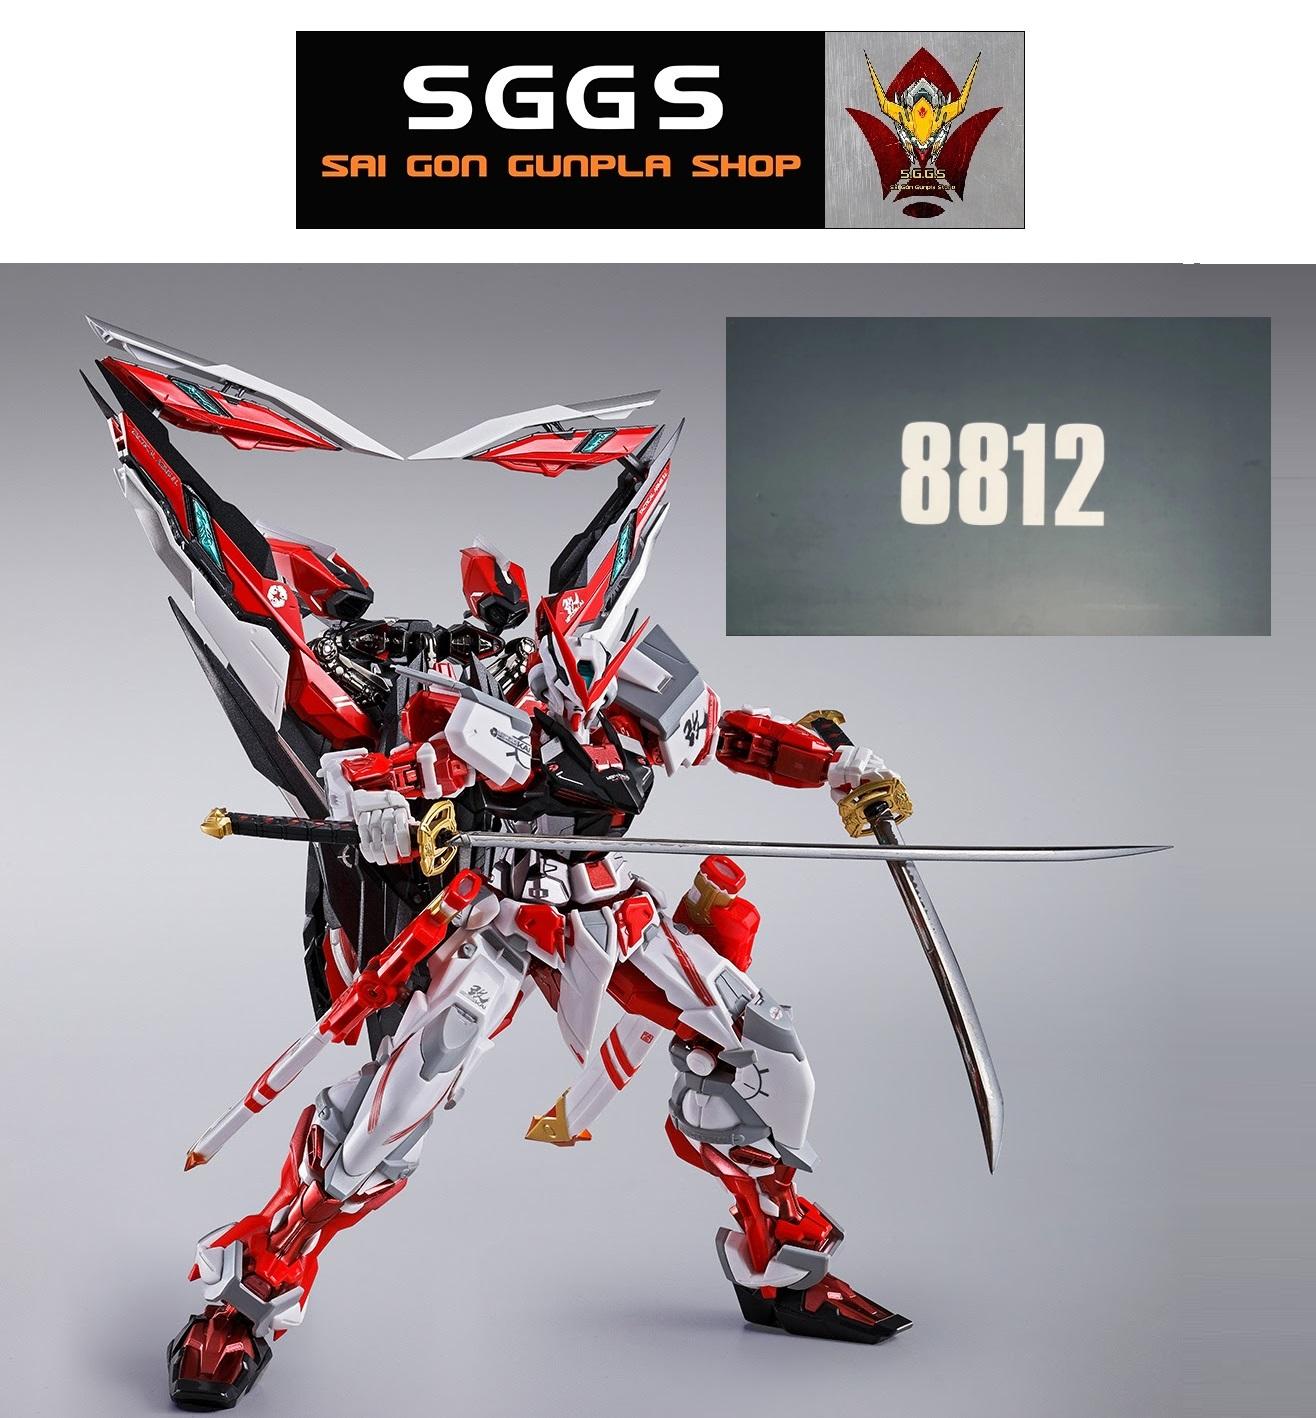 Daban 8812 Mô Hình Lắp Ráp Gundam 1/100 Mg Astray Red Kai Gundam Đồ Chơi Lắp Ráp Anime